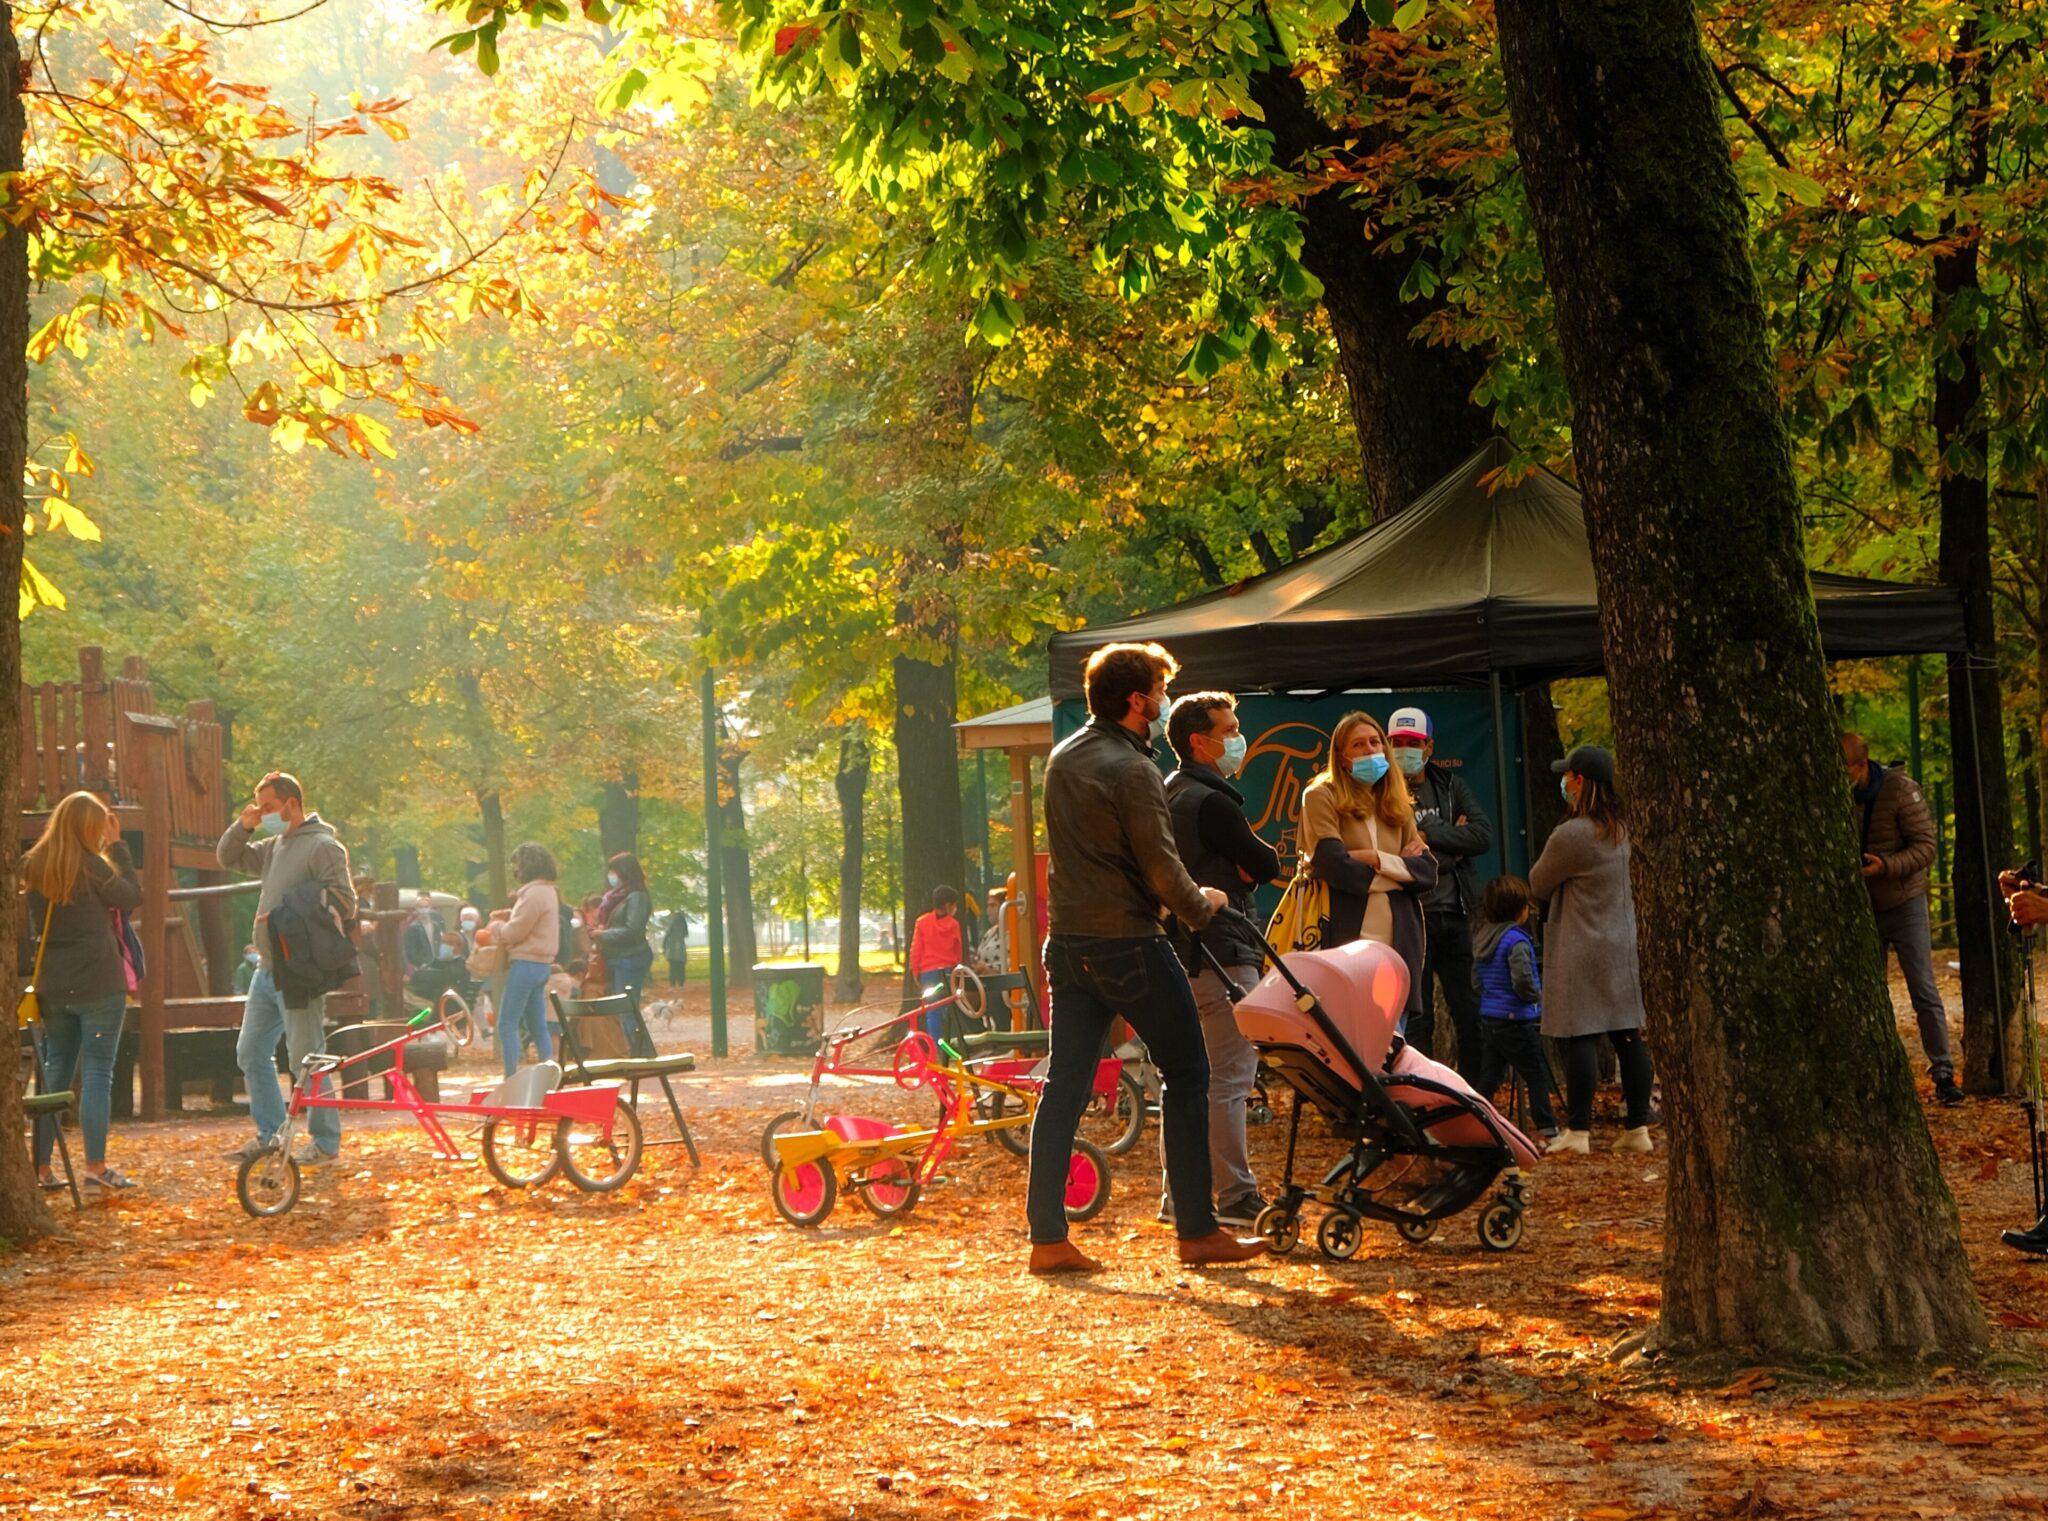 Giardini Indro Montanelli - City park Milan